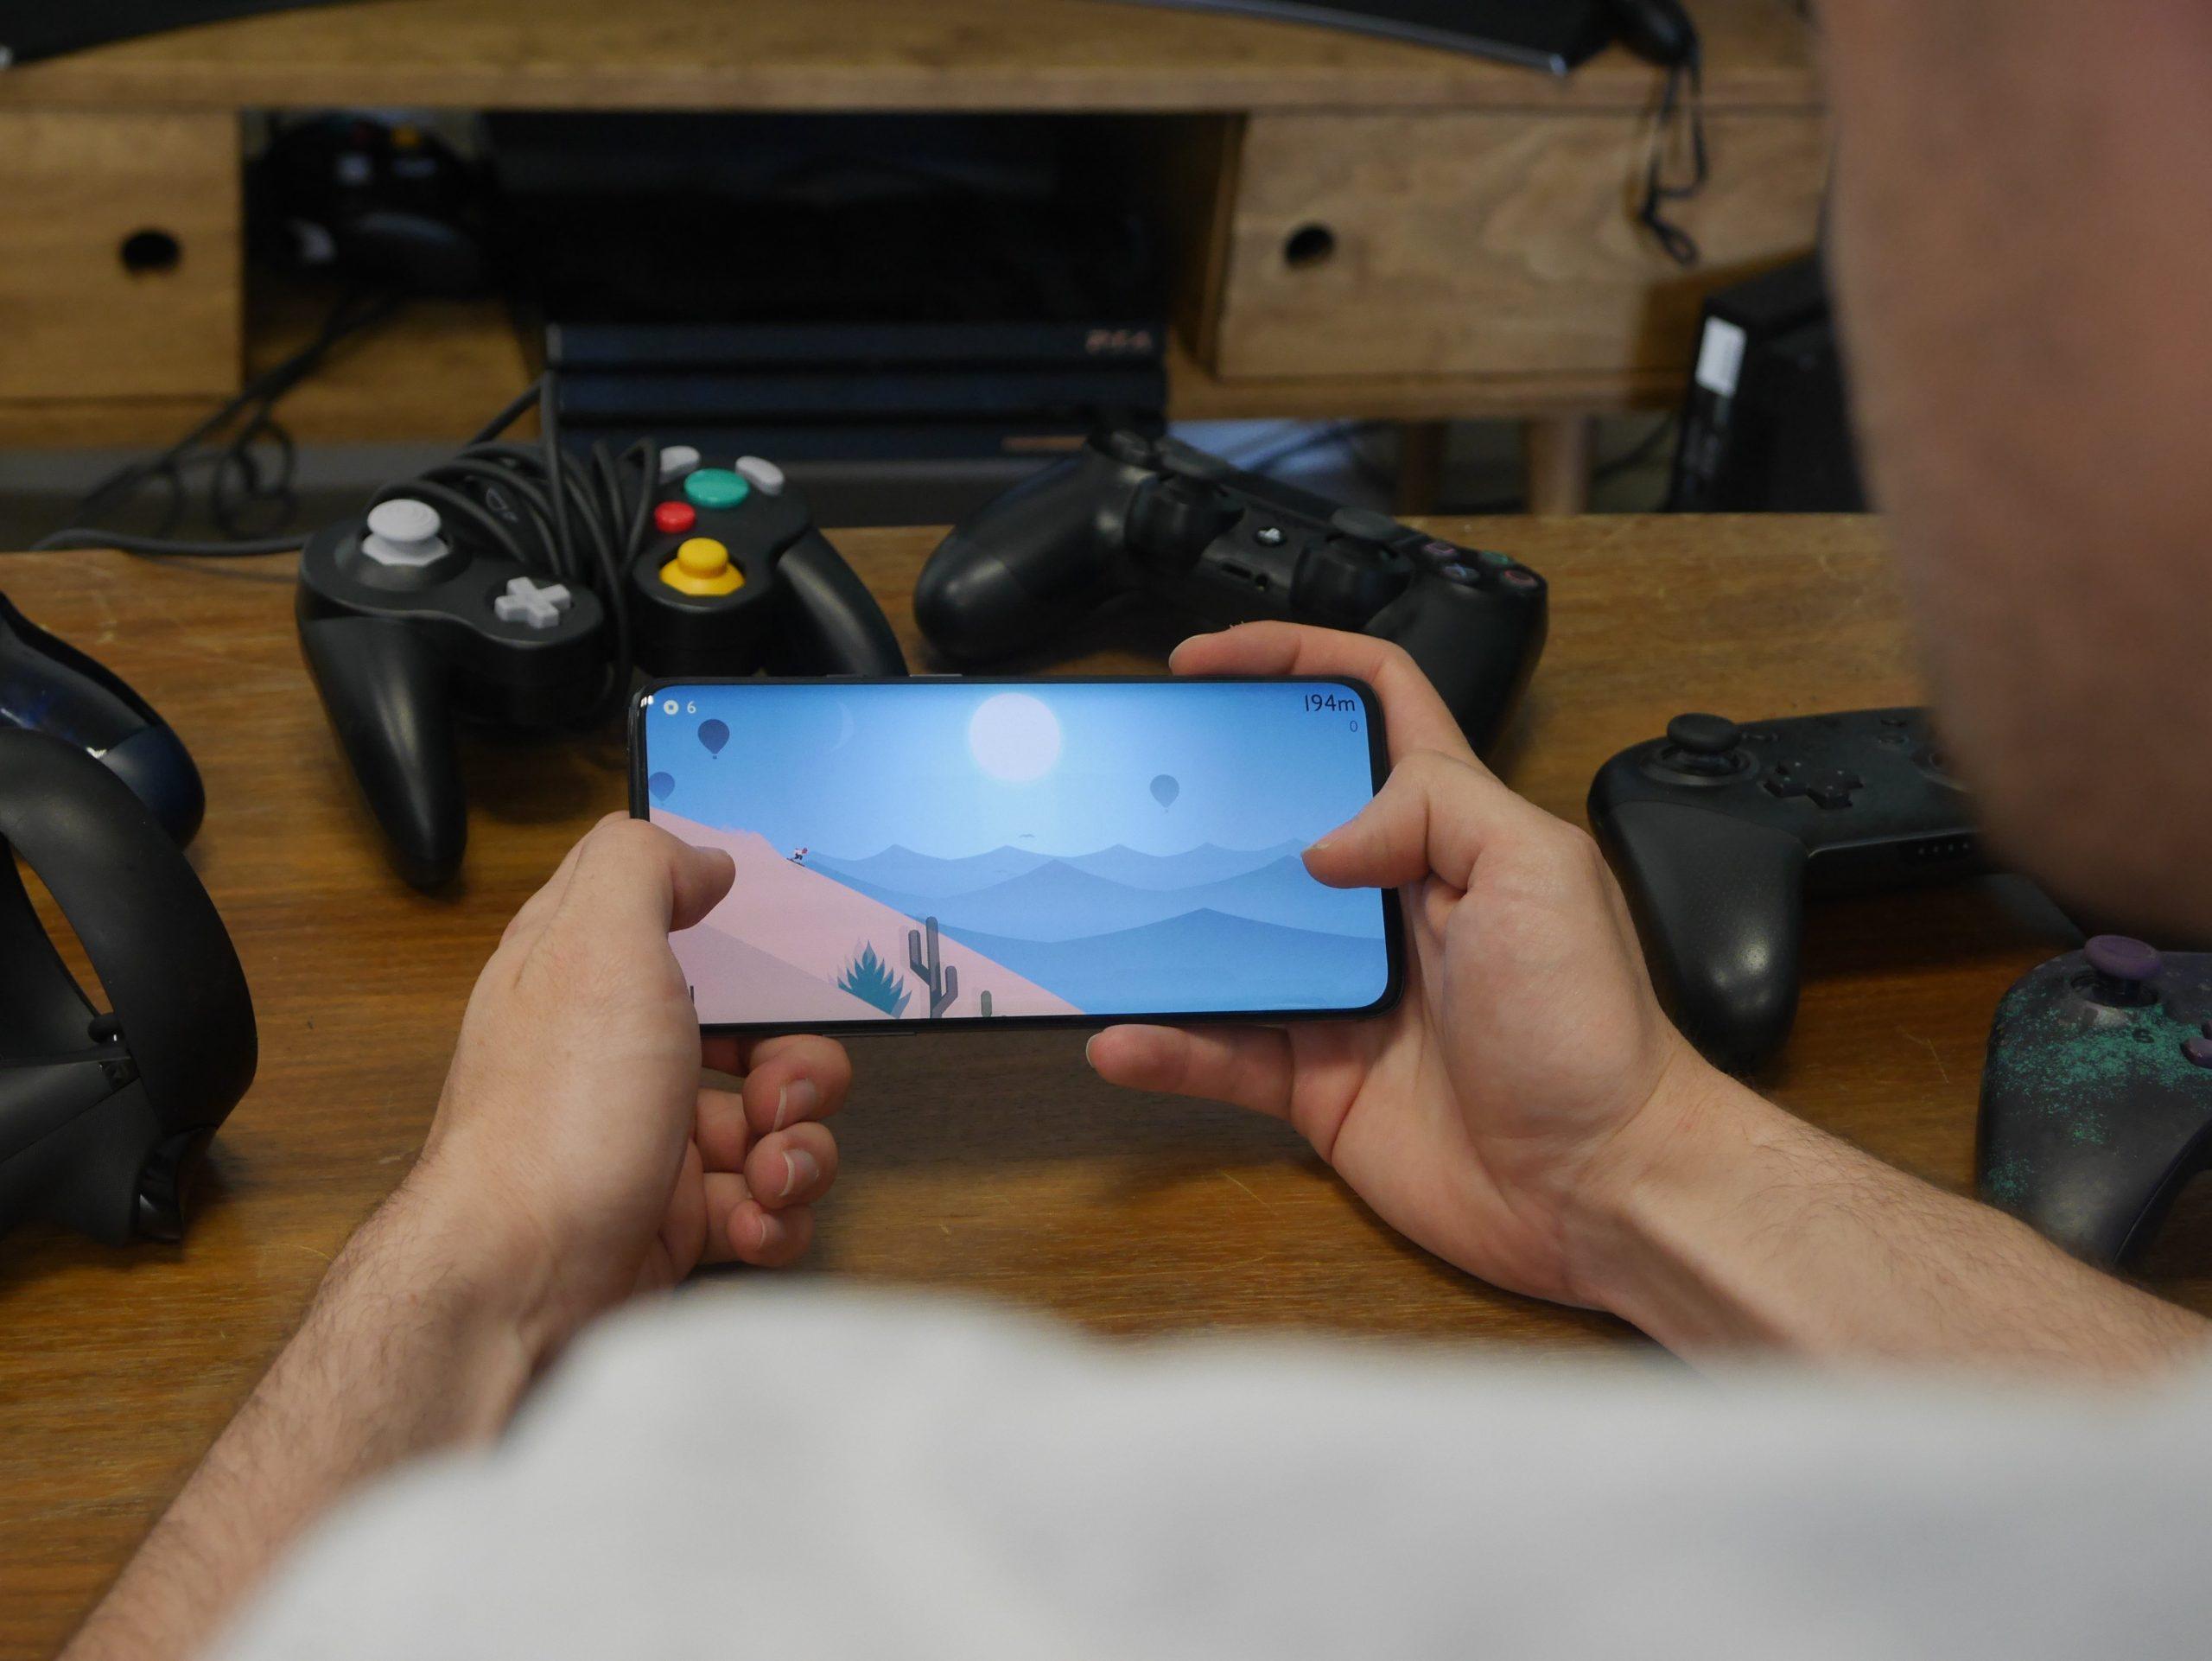 Les Meilleurs Jeux Gratuits Sur Android En 2020 avec Jeux Gratuit Pour Portable